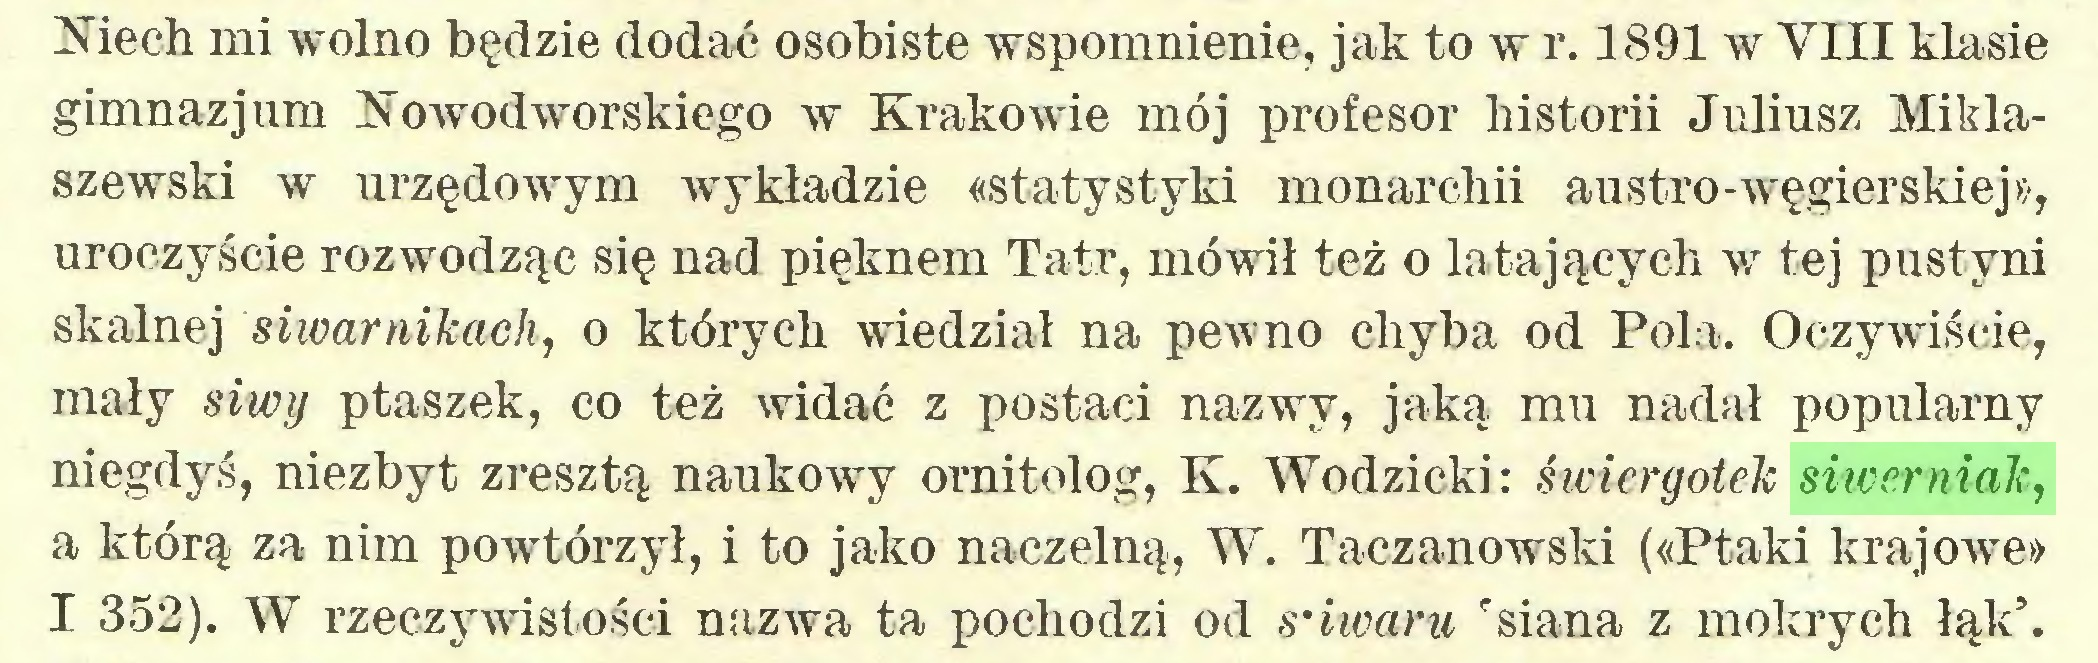 """(...) Niech mi wolno będzie dodać osobiste wspomnienie, jak to w r. 1891 w VIII klasie gimnazjum Nowodworskiego w Krakowie mój profesor historii Juliusz Miklaszewski w urzędowym wykładzie «statystyki monarchii austro-węgierskiej», uroczyście rozwodząc się nad pięknem Tatr, mówił też o latających w tej pustyni skalnej siwarnikaeh, o których wiedział na pewno chyba od Pola. Oczywiście, mały siwy ptaszek, co też widać z postaci nazwy, jaką mu nadał popularny niegdyś, niezbyt zresztą naukowy ornitolog, K. Wodzicki: świcrgotek siwerniak, a którą za nim powtórzył, i to jako naczelną, W. Taczanowski («Ptaki krajowe» I 352). W rzeczywistości nazwa ta pochodzi od s'iwaru """"siana z mokrych łąk'..."""